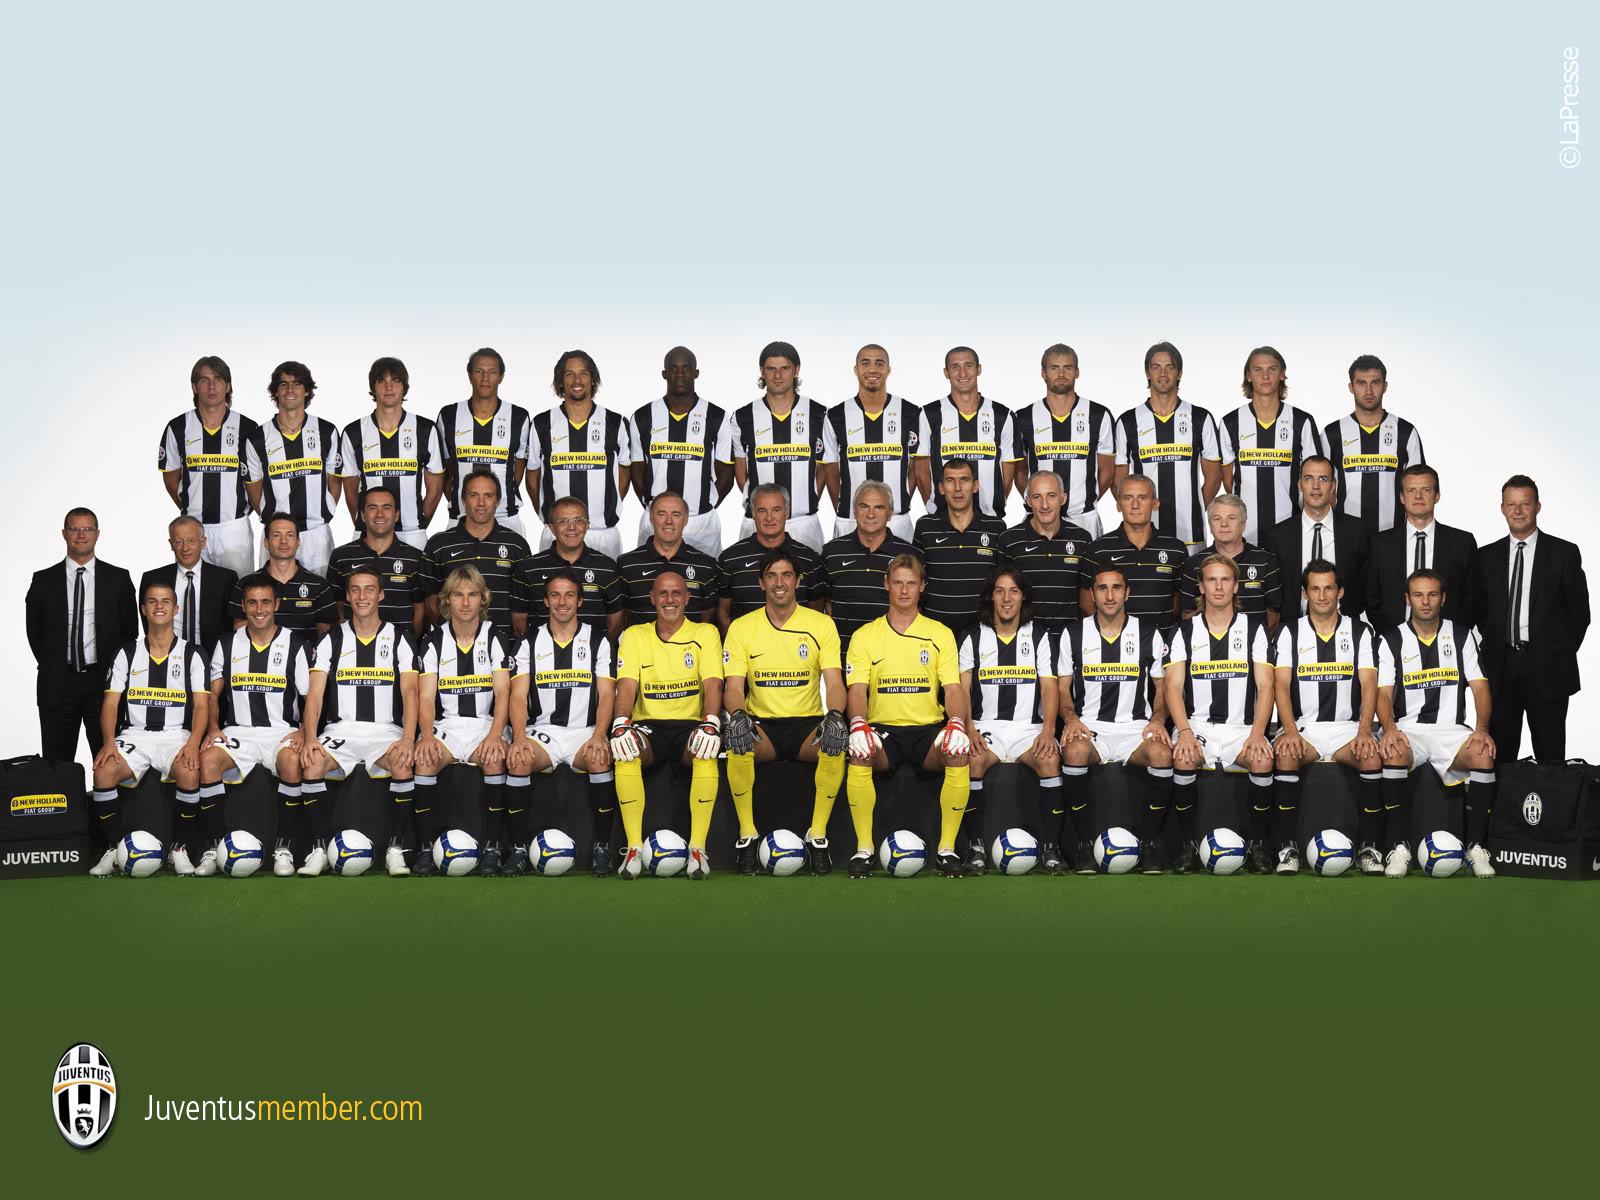 http://2.bp.blogspot.com/-wrGq1m5mkts/T4MR48iZitI/AAAAAAAABX4/gmSqOkZkcs8/s1600/Juventus-Team.jpg